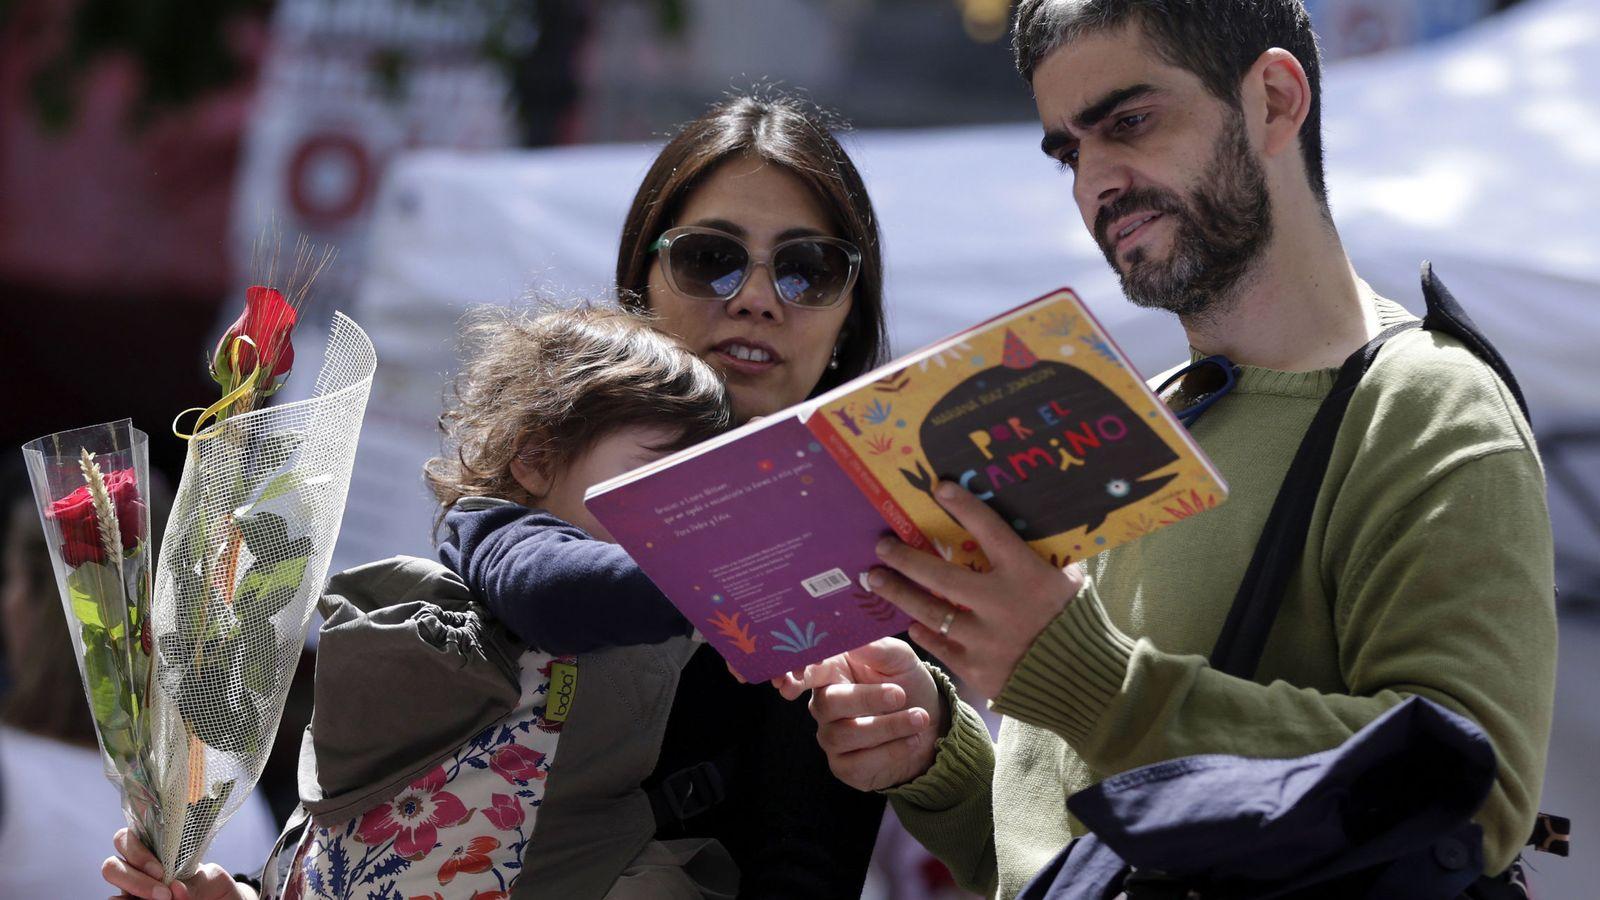 Foto: Fiesta de Sant Jordi 2017: rosas y libros en Barcelona. (EFE)